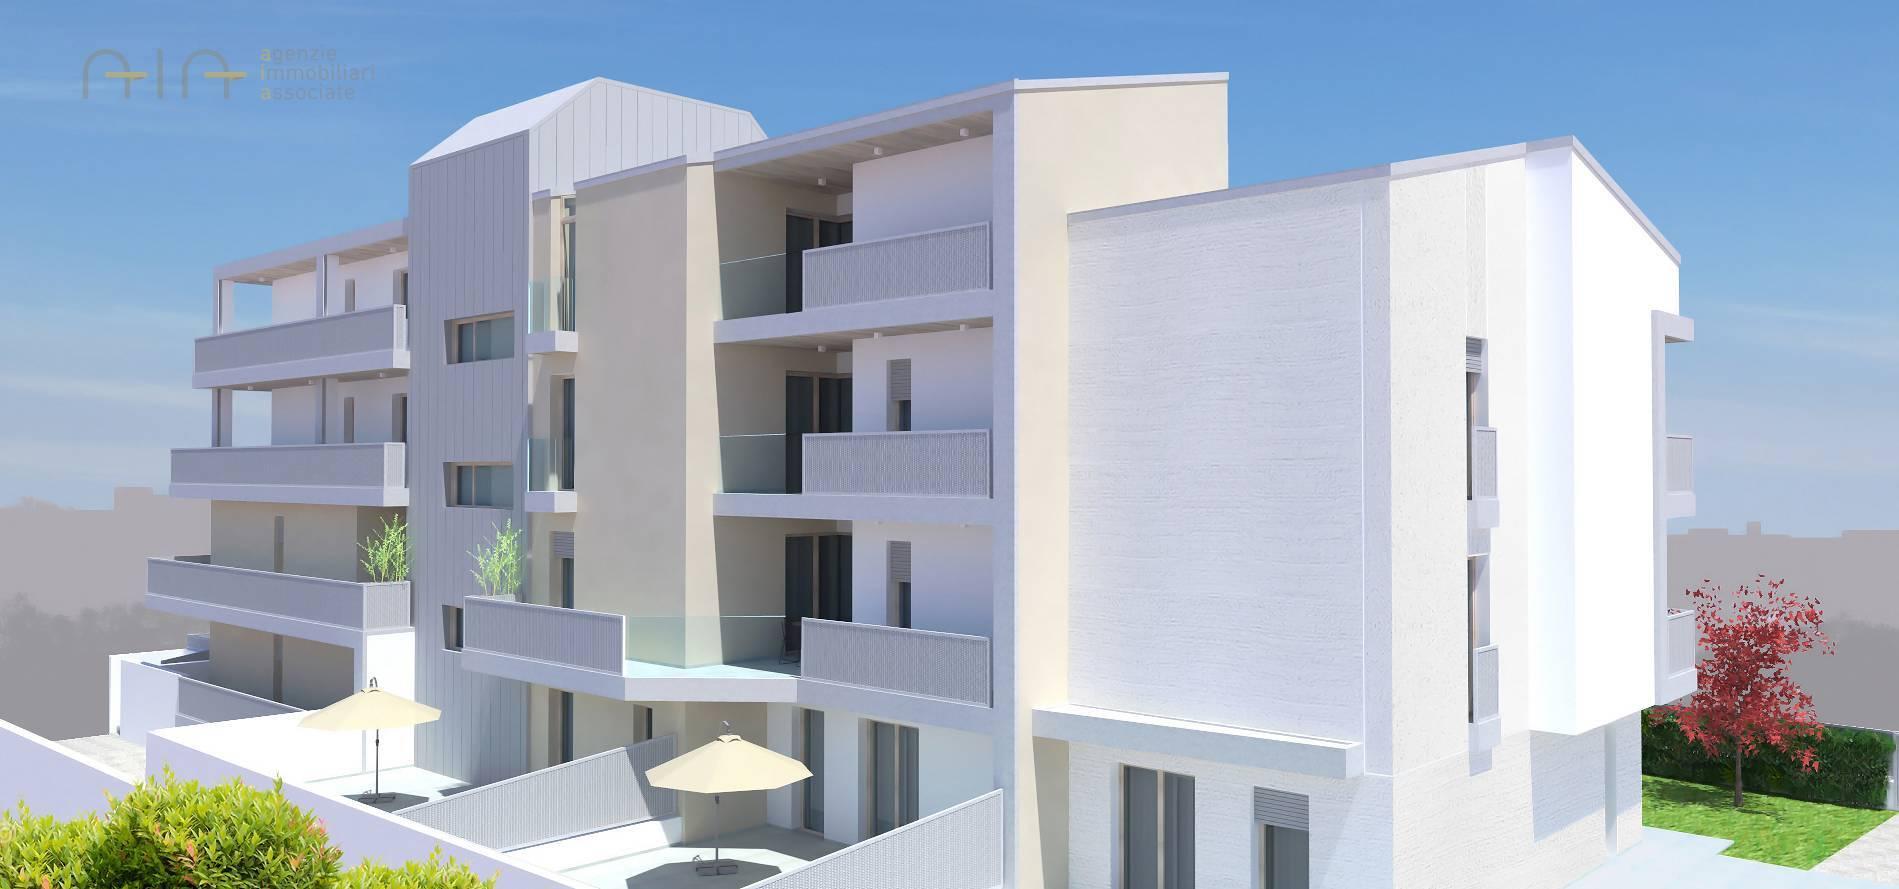 Appartamento in vendita a Grottammare, 3 locali, zona Località: IschiaAscolani(asuddelfiumeTesino,sopraferrovia, prezzo € 295.000 | CambioCasa.it